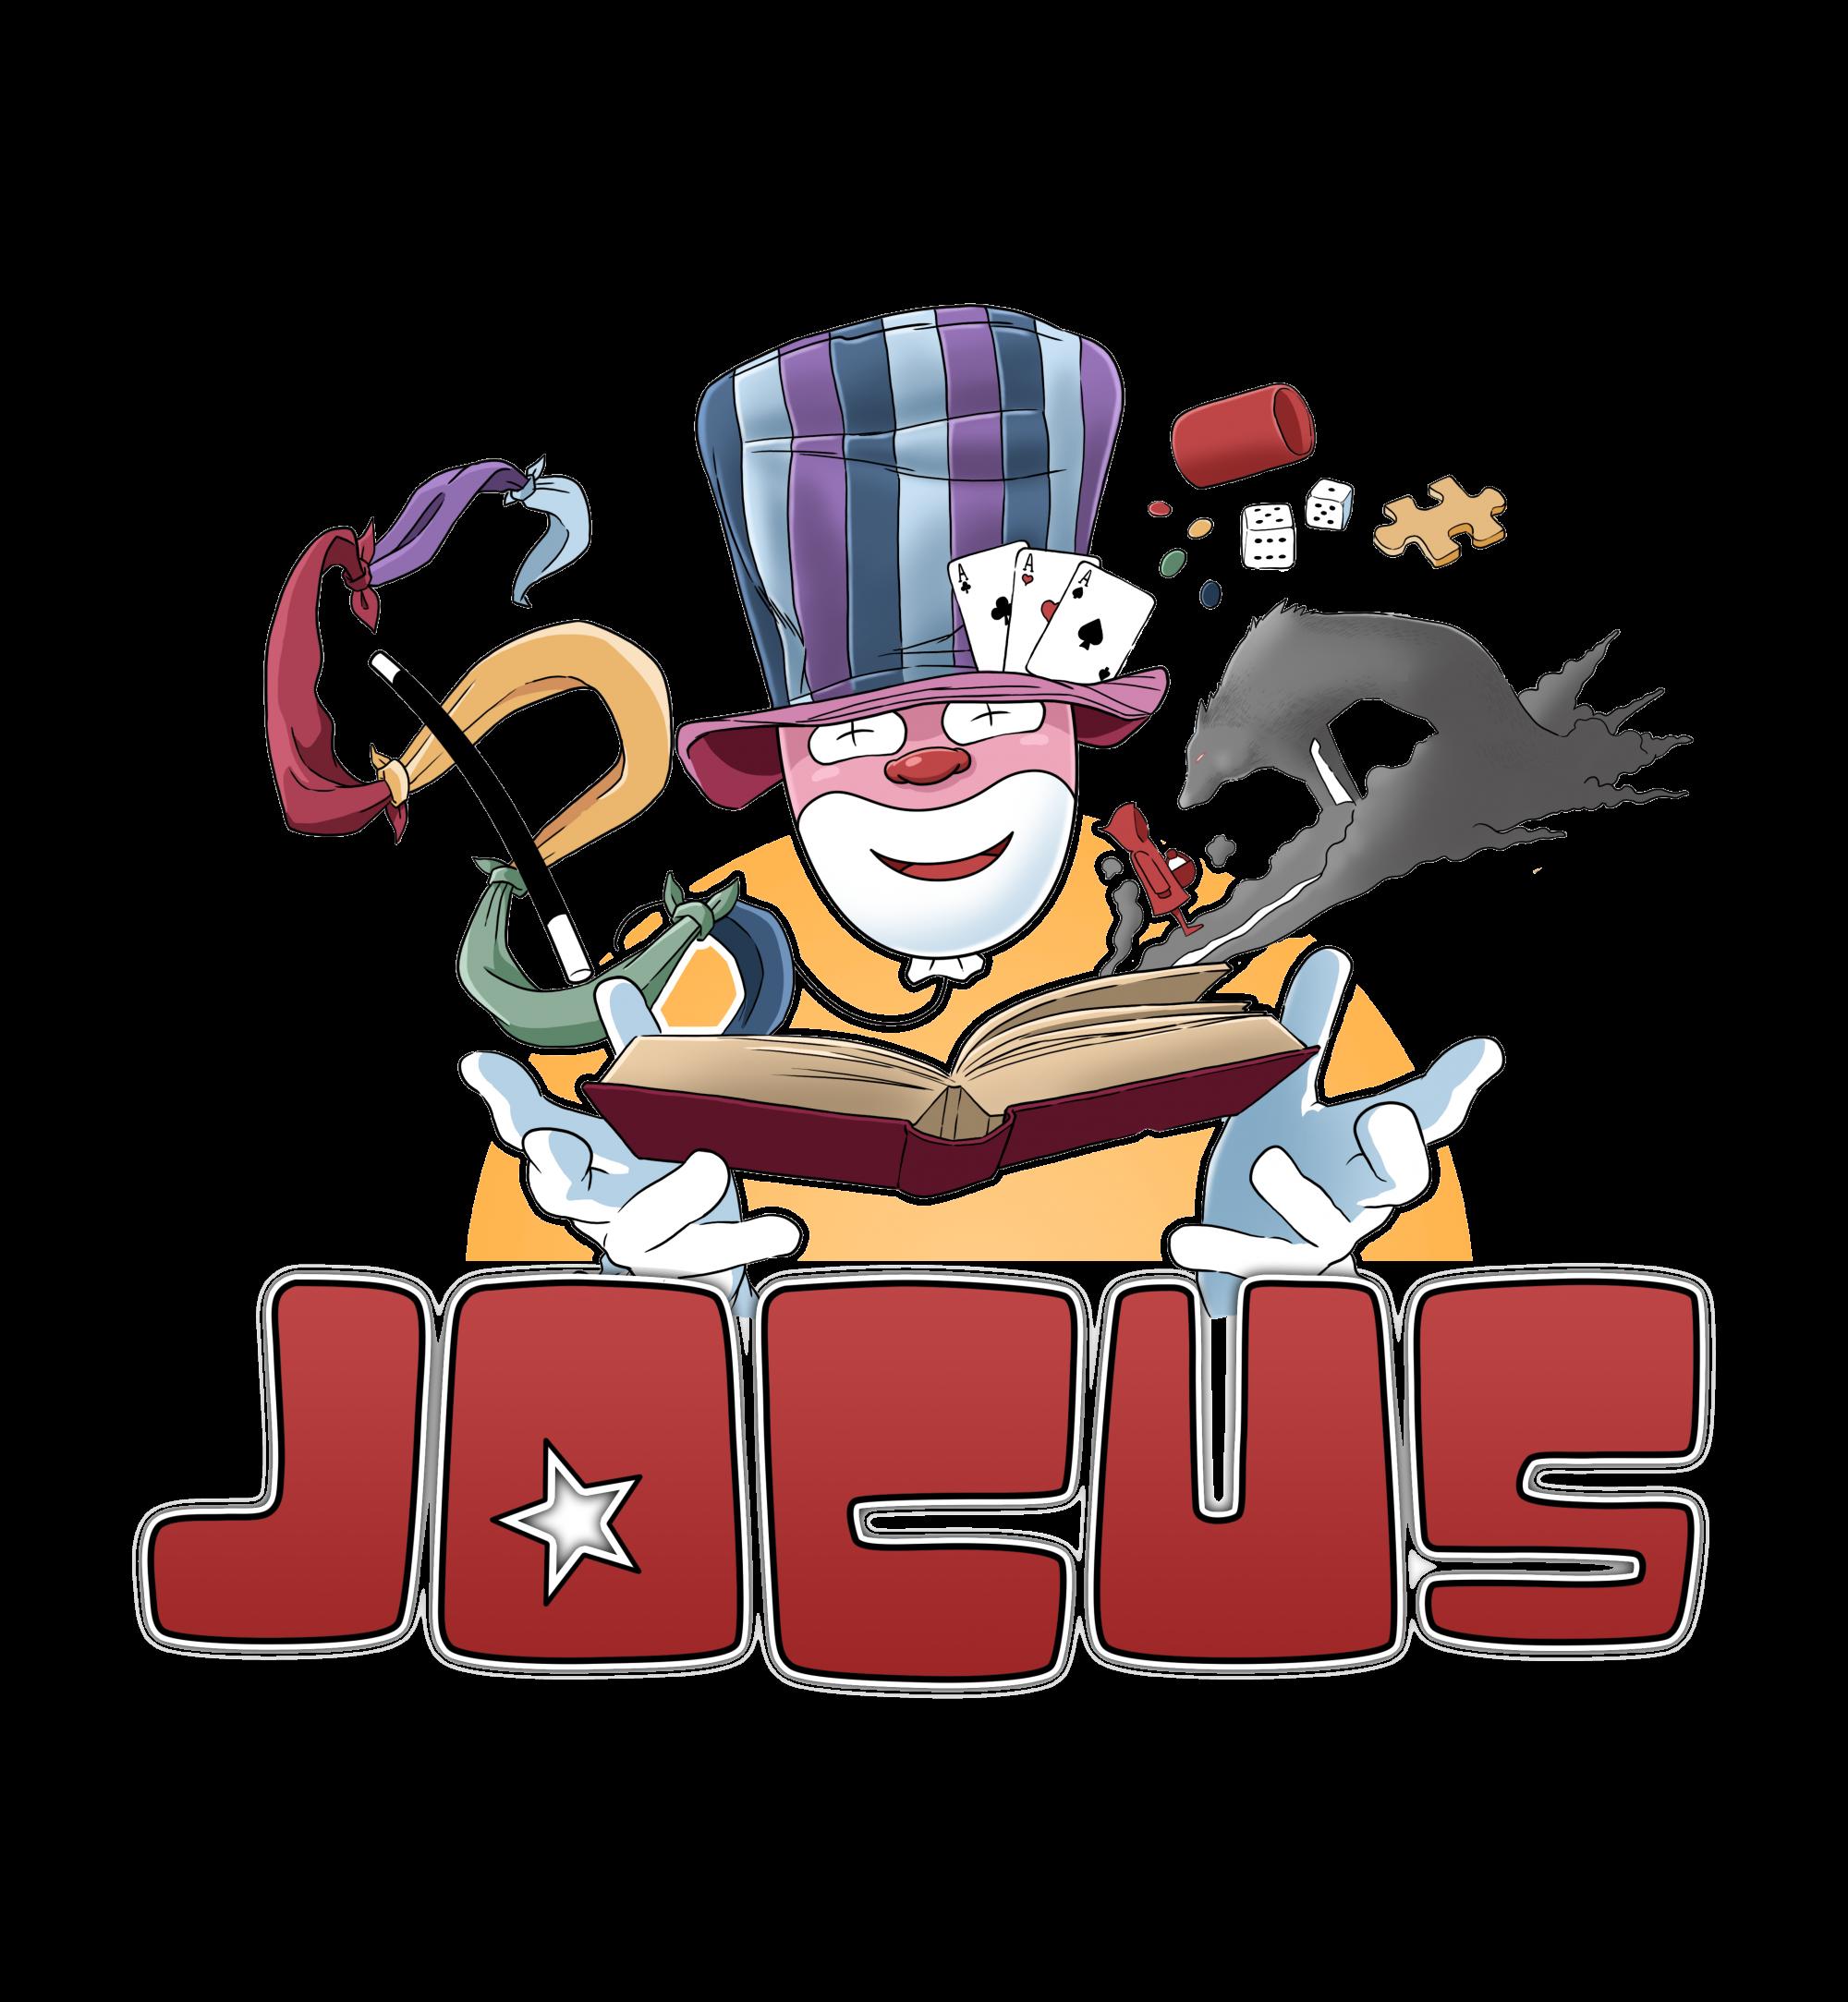 Jocus Pocus